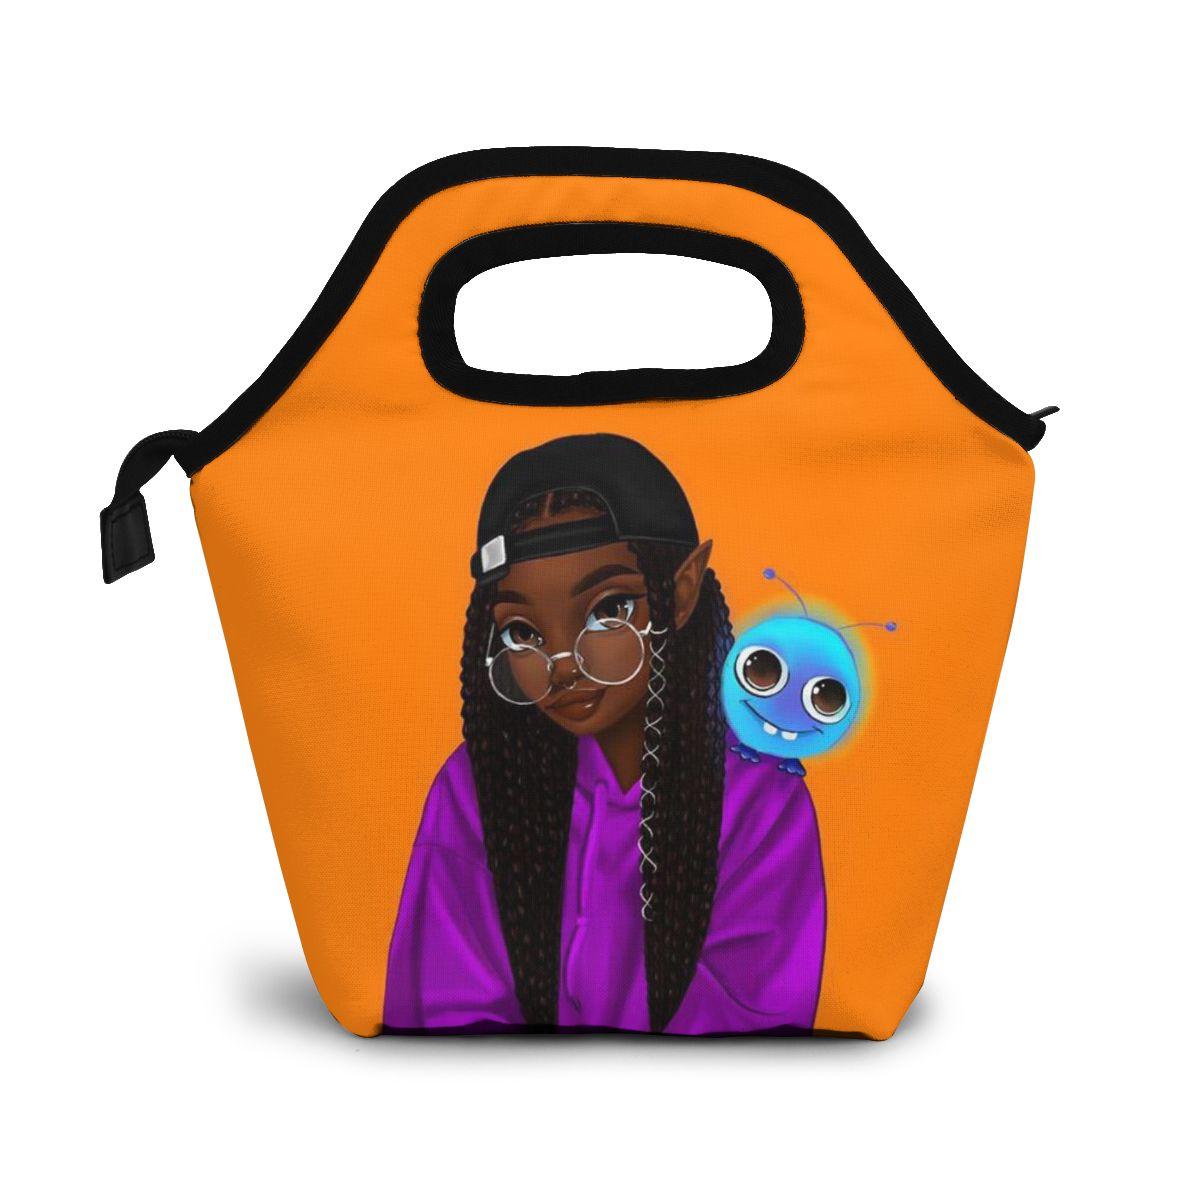 Noisydesigns Refrigerador Lancheira Bolsa África Arte Menina Pintura Portátil Piquenique Comida Tote Mais Novo Feminino Personalizado